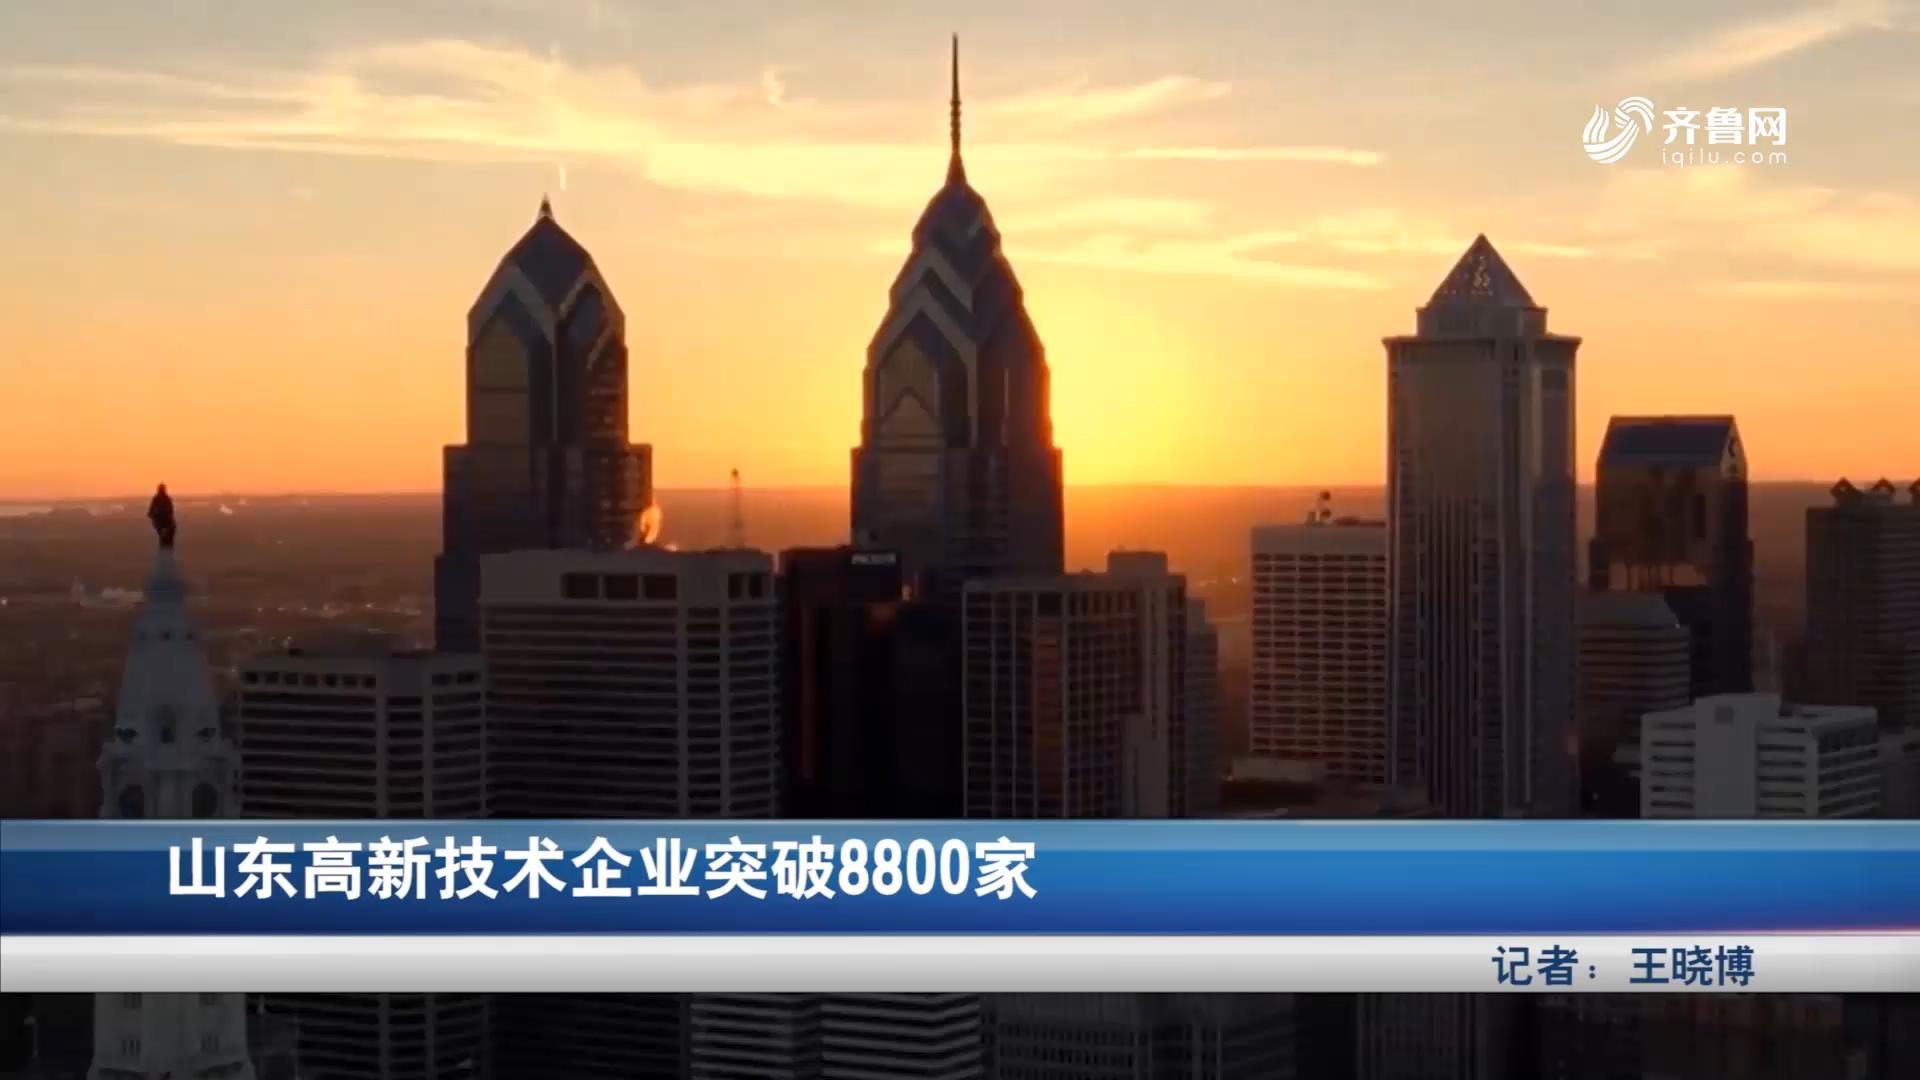 山东高新技术企业突破8800家